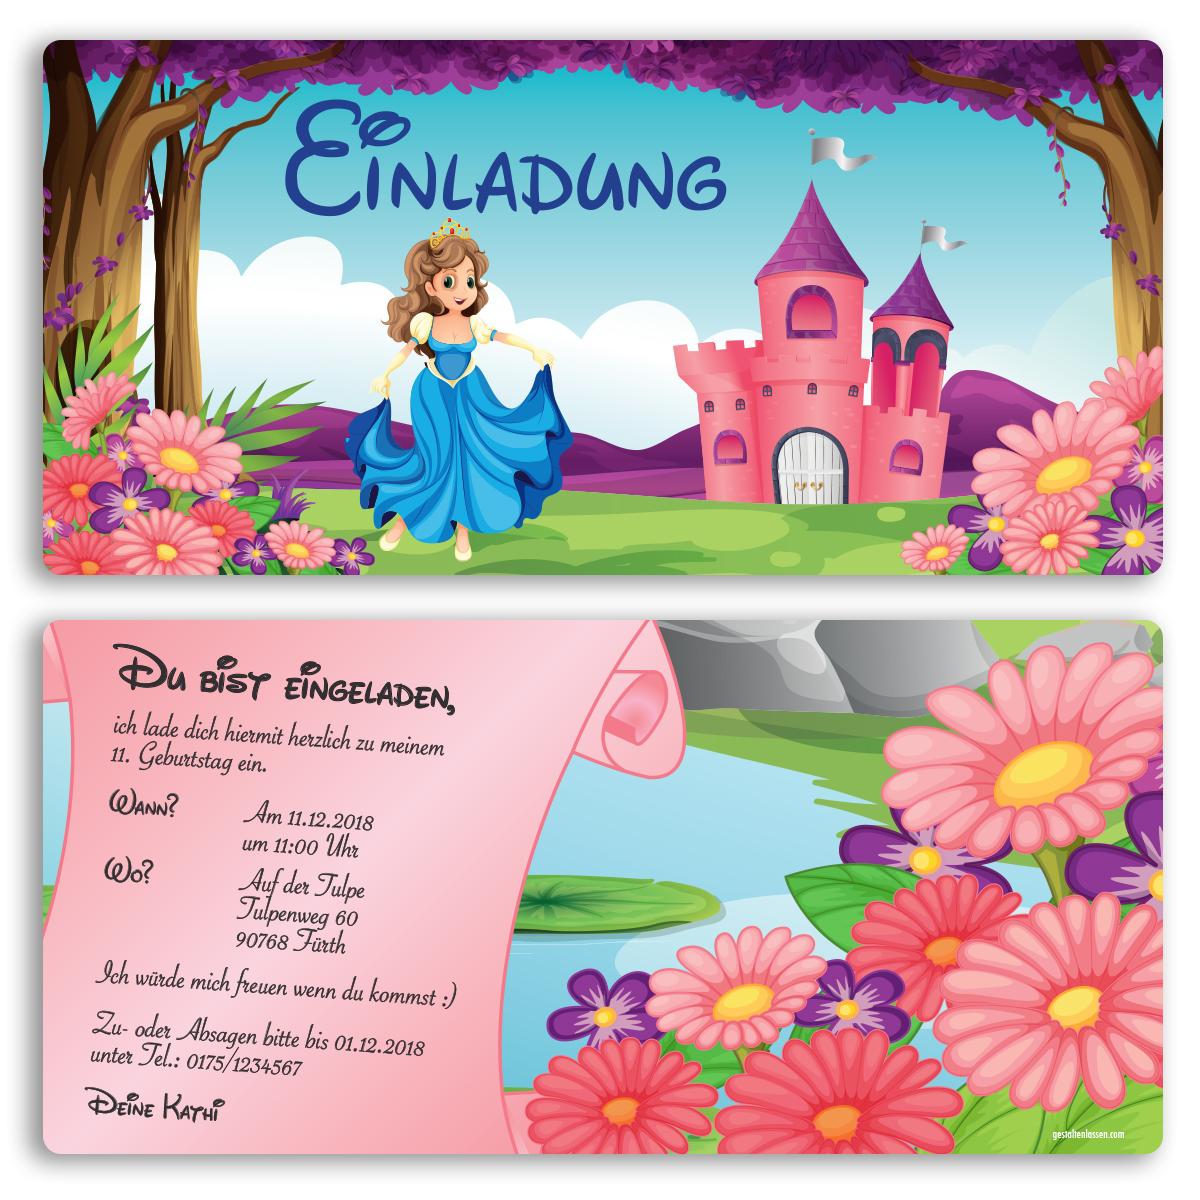 Geburtstag Einladung Kind : Einladung Geburtstag Kindergeburtstag Kostenlos    Geburstag Einladungskarten   Geburstag Einladungskarten